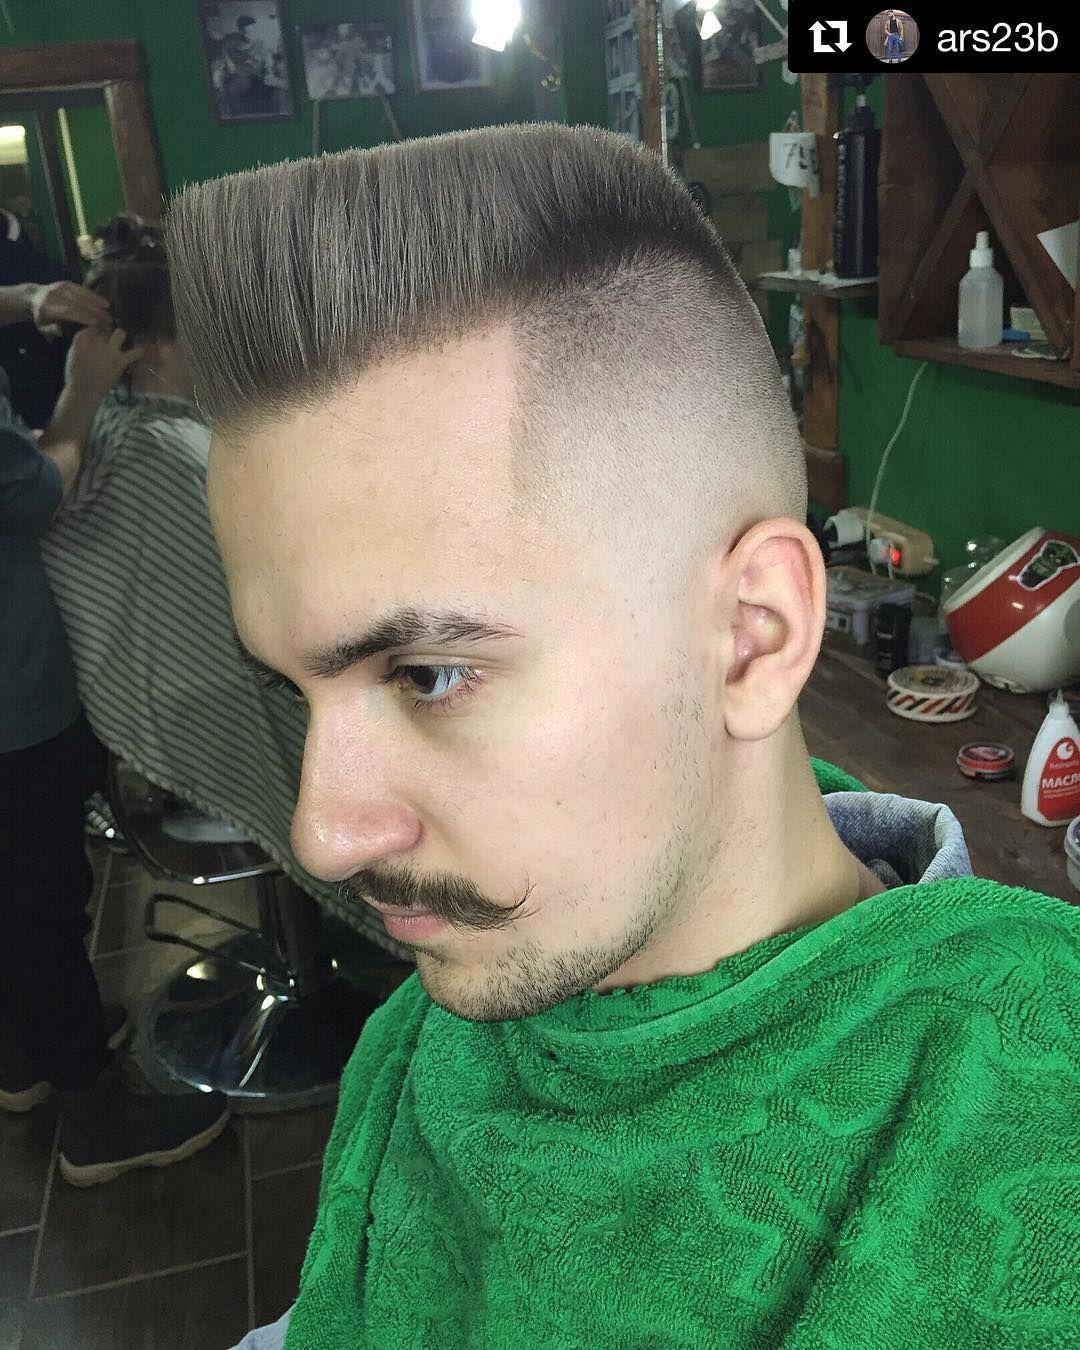 237 me gusta, 2 comentarios - flattop haircut